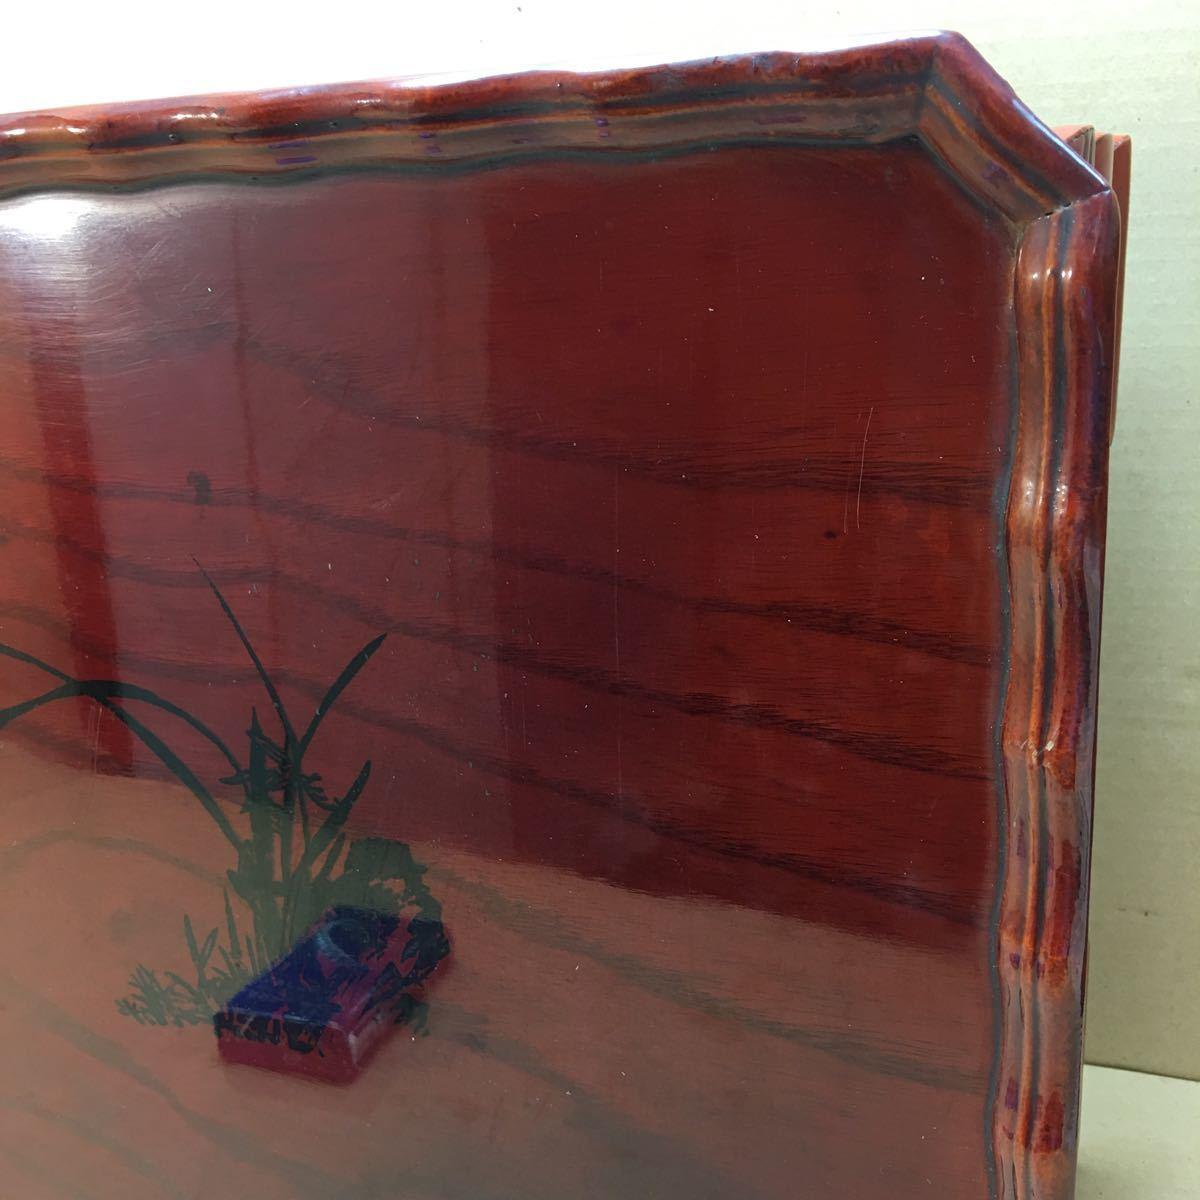 中国美術 漆塗蘭花装飾花台 長方花台 飾り台 盆栽台 香炉台 華道具 茶道具 45×33×16cm_画像4